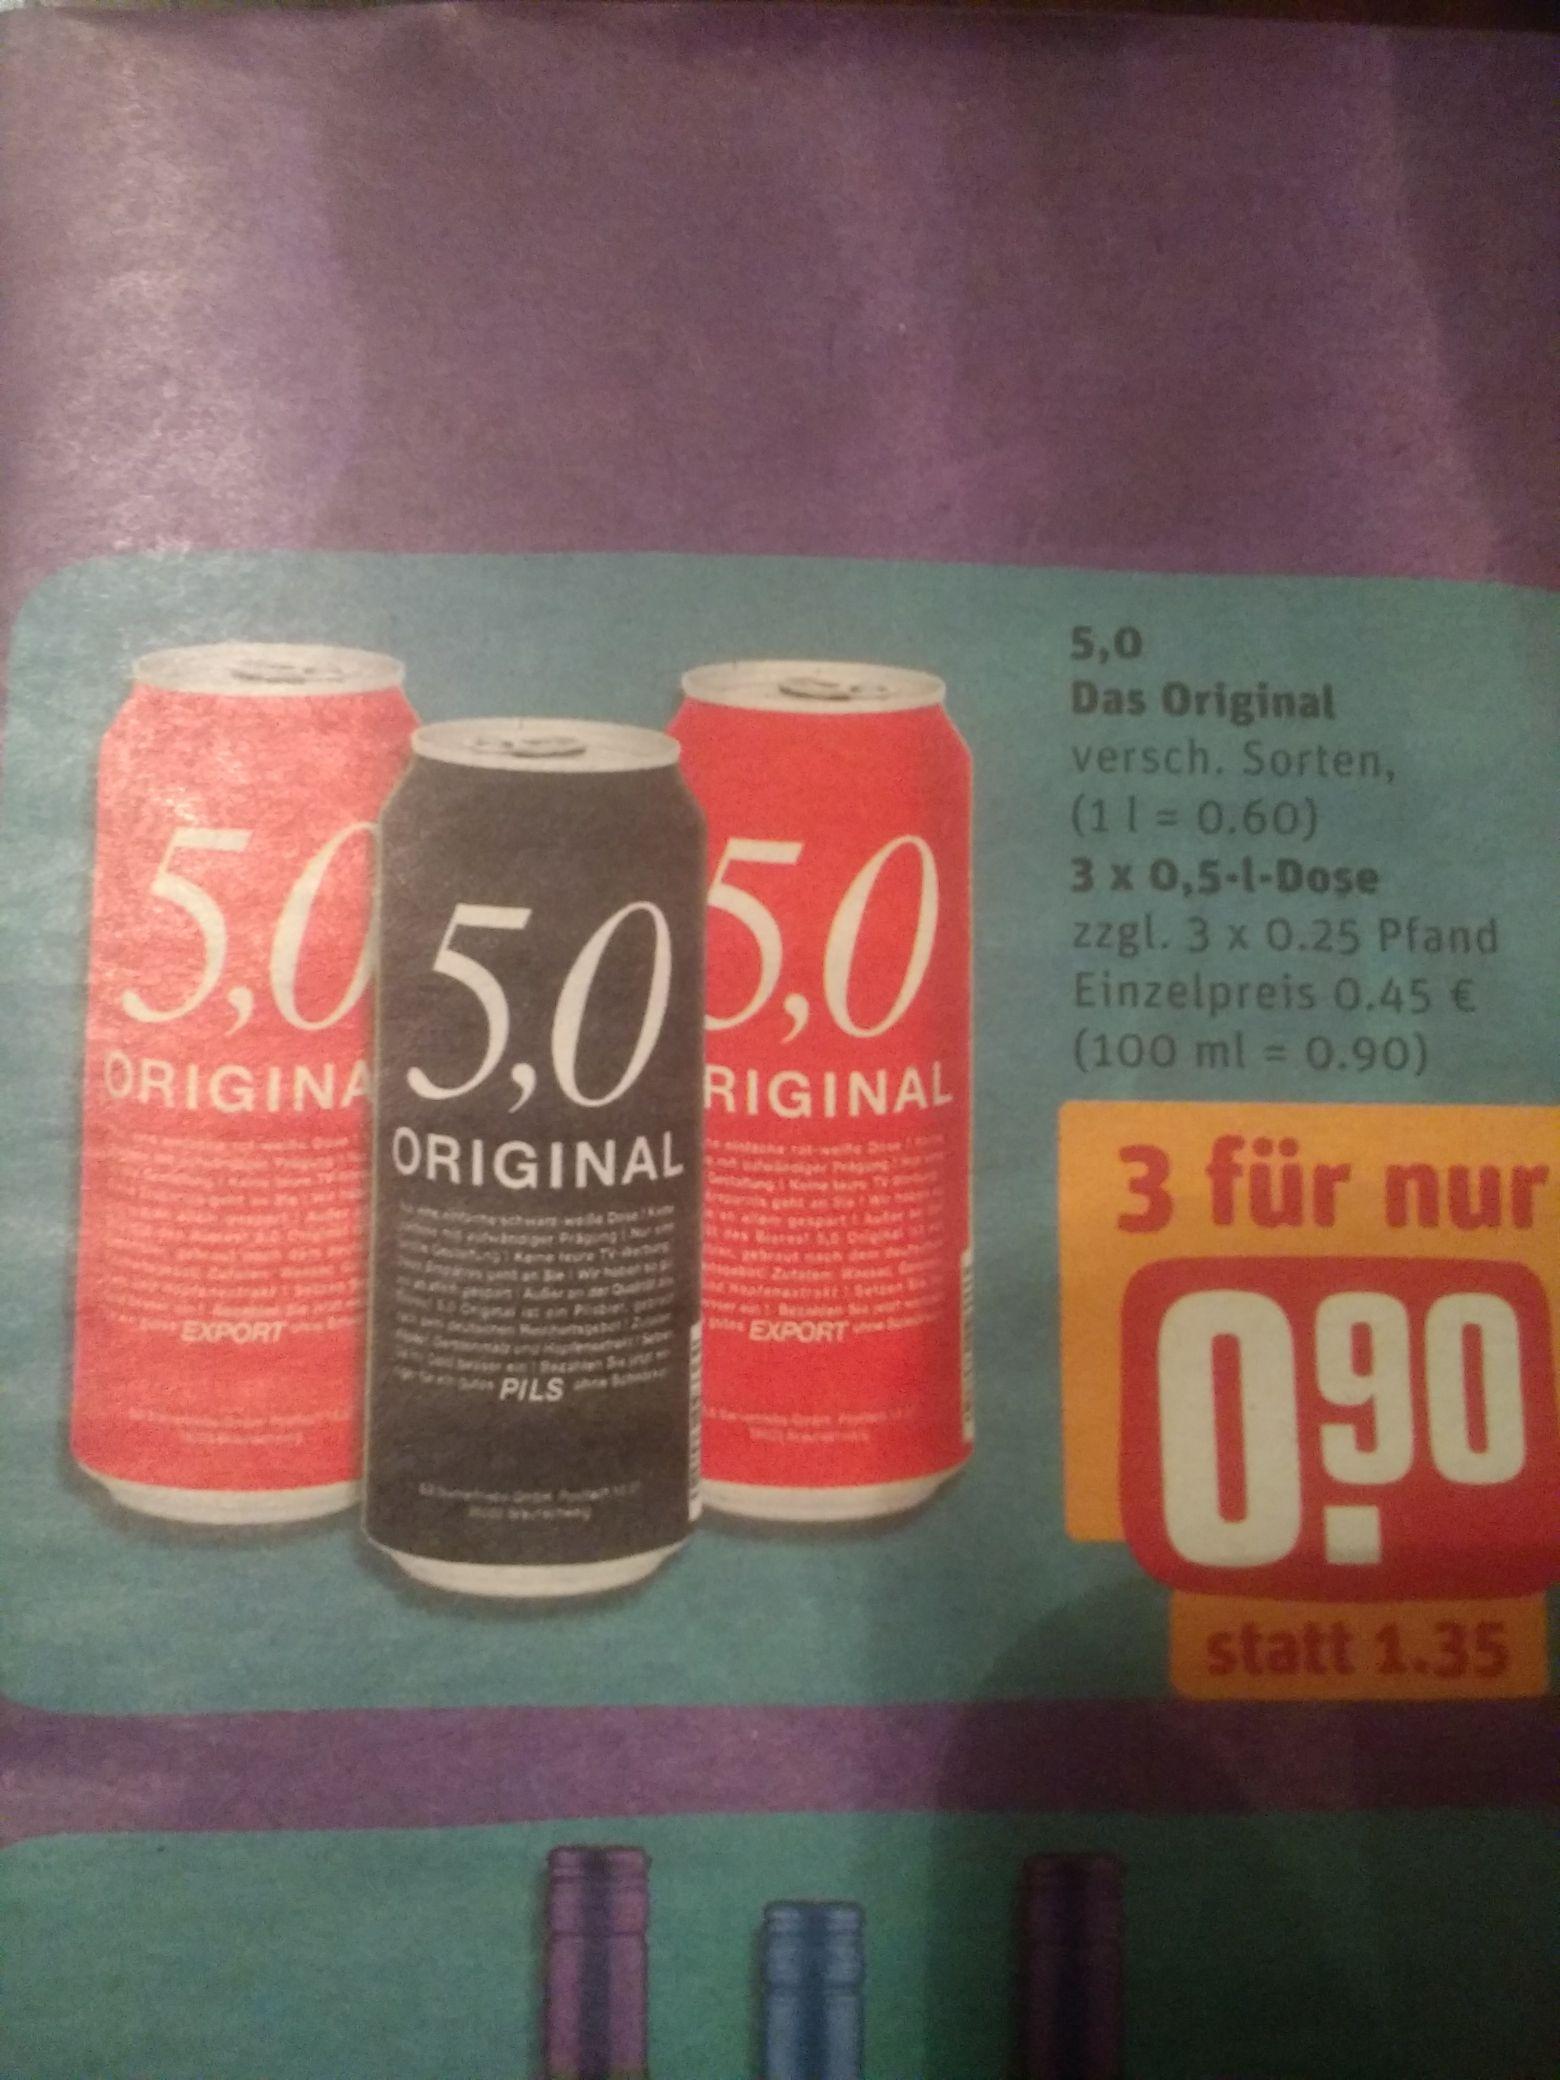 [REWE Center, ggf. lokal] 5.0 ORIGINAL Bier (Pils, Radler, Weizen oder Lemon); 3 Dosen für 0,90 €